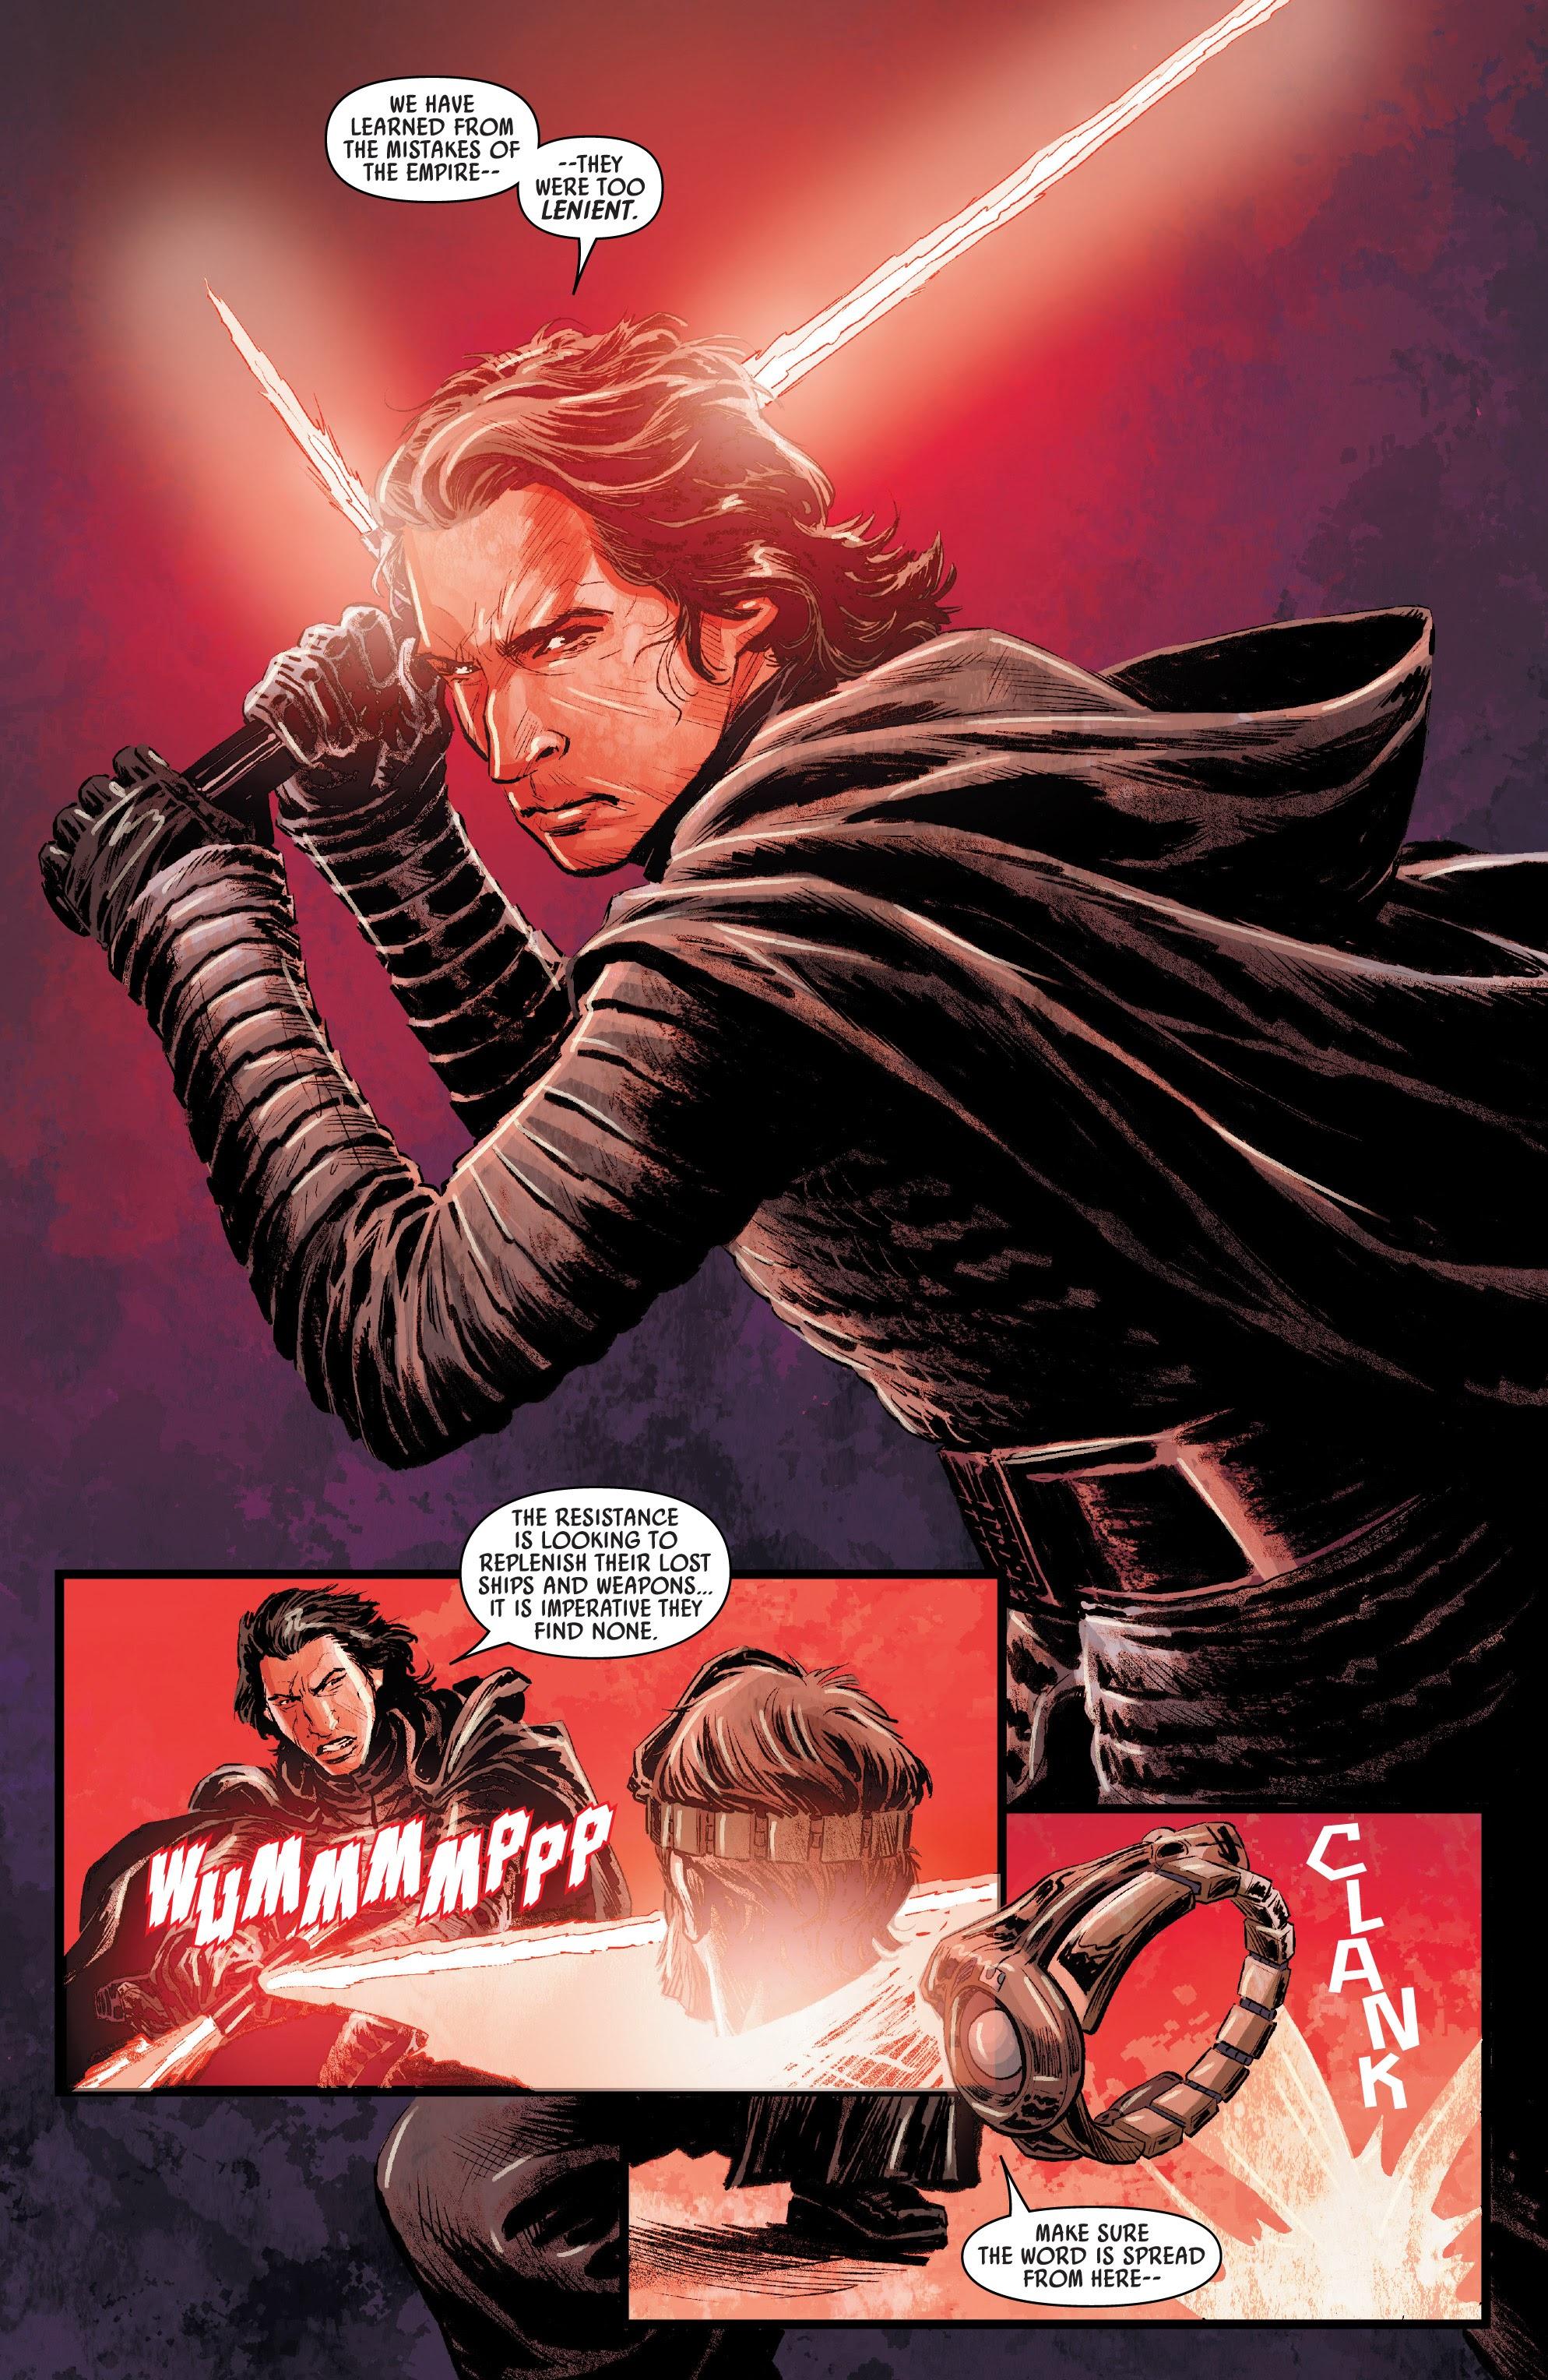 【星戰宇宙相關】第九部曲前傳漫畫揭開反抗勢力如何重建並對應第一軍團的暴虐!